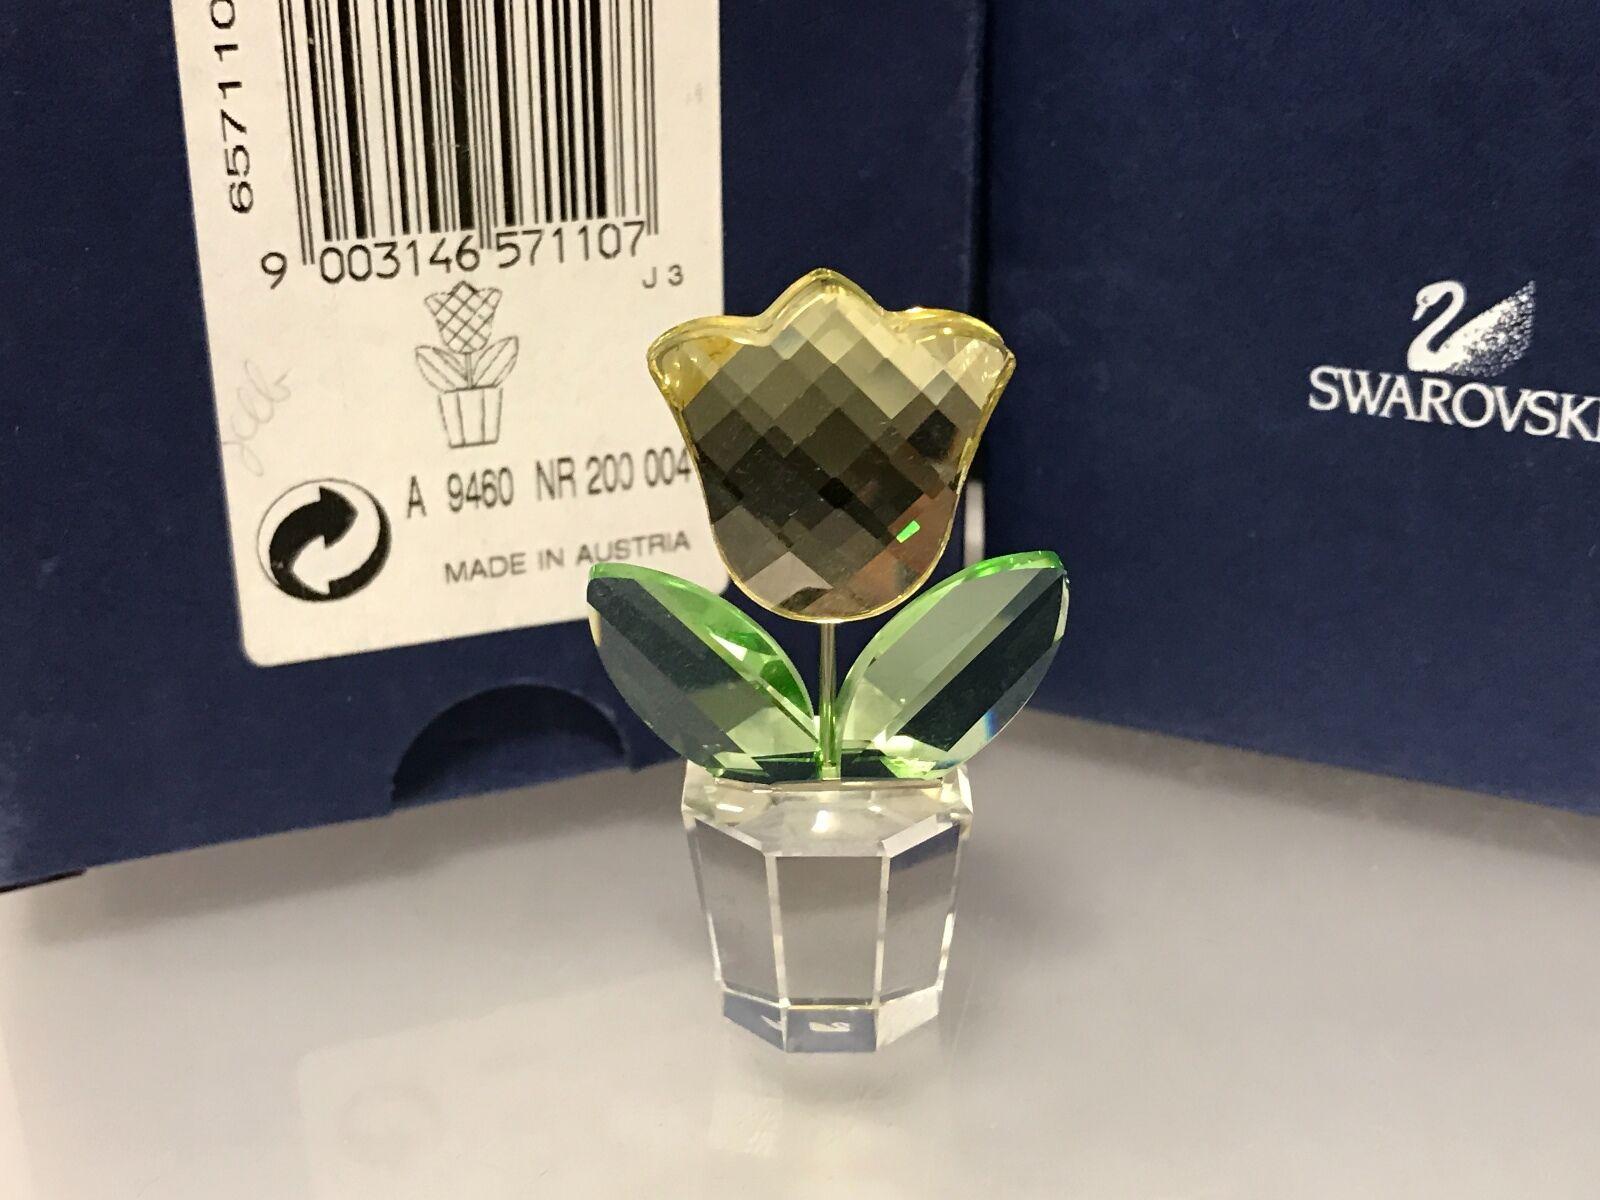 Swarovski pot FIGURINE pot Swarovski de fleurs fleur 5 CM. avec emballage d'origine & certificat. d8f1ef